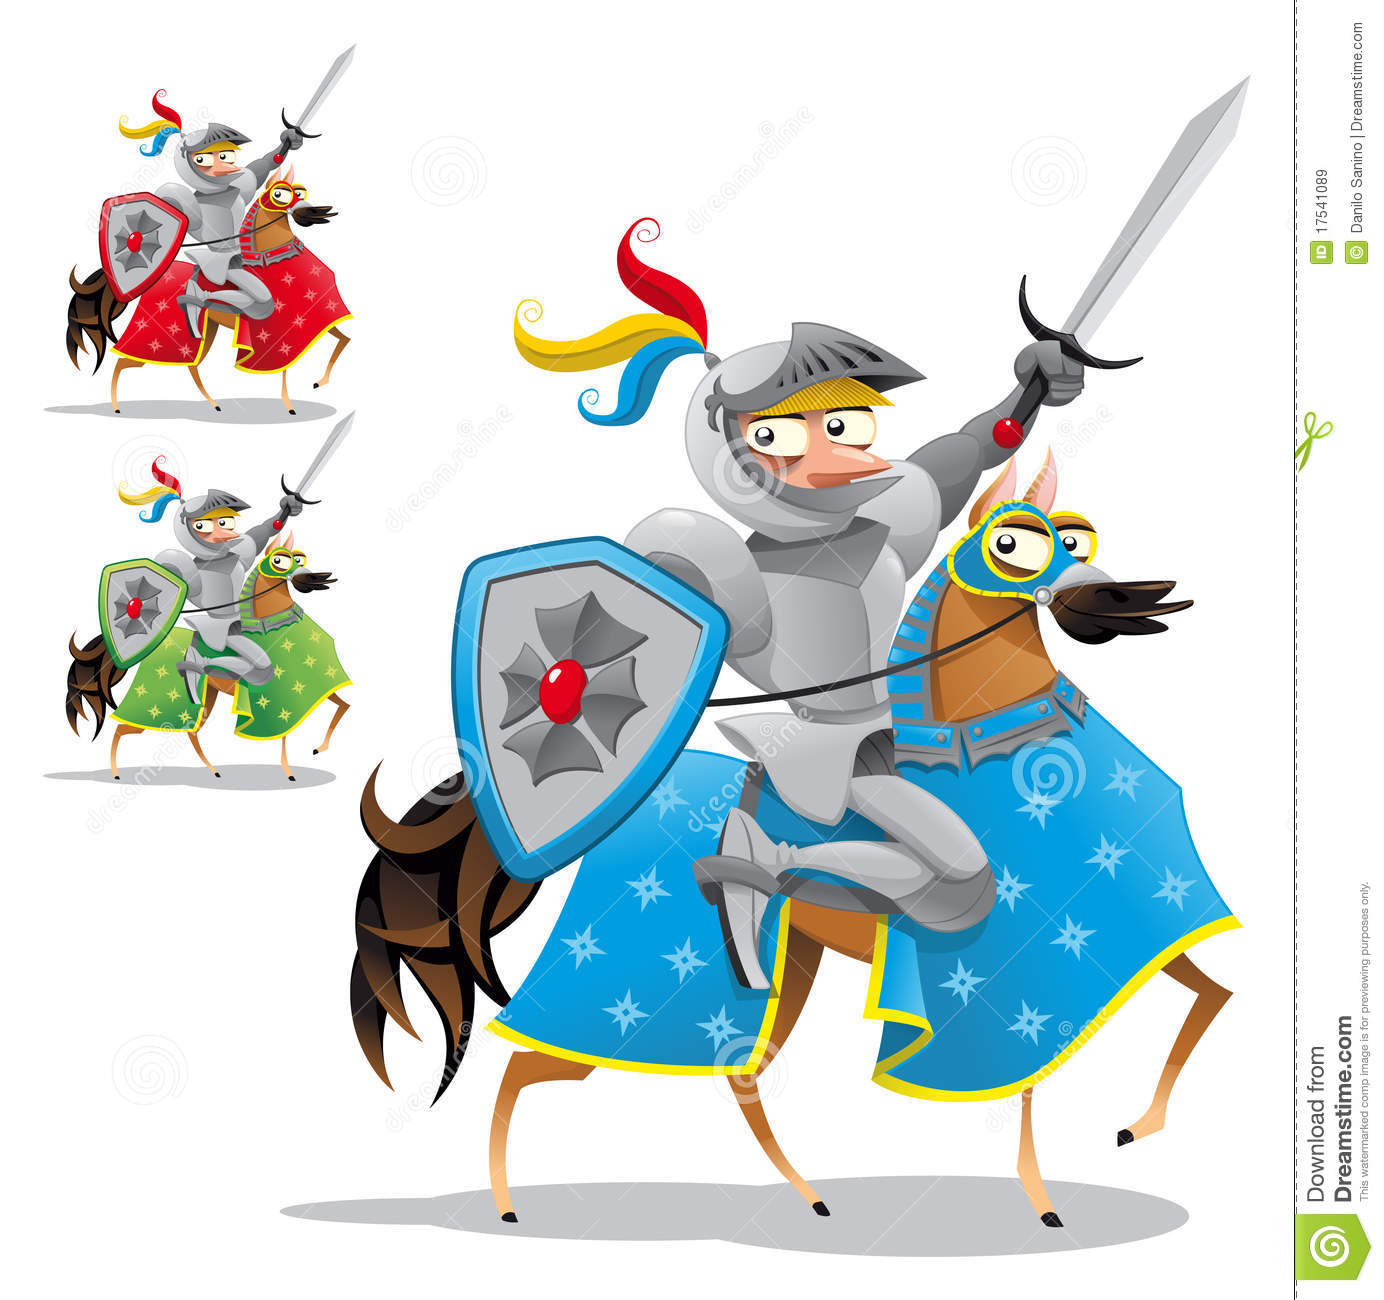 Ritter auf pferd clipart freeuse stock Ritter Und Pferd Stockfoto - Bild: 7132530 freeuse stock